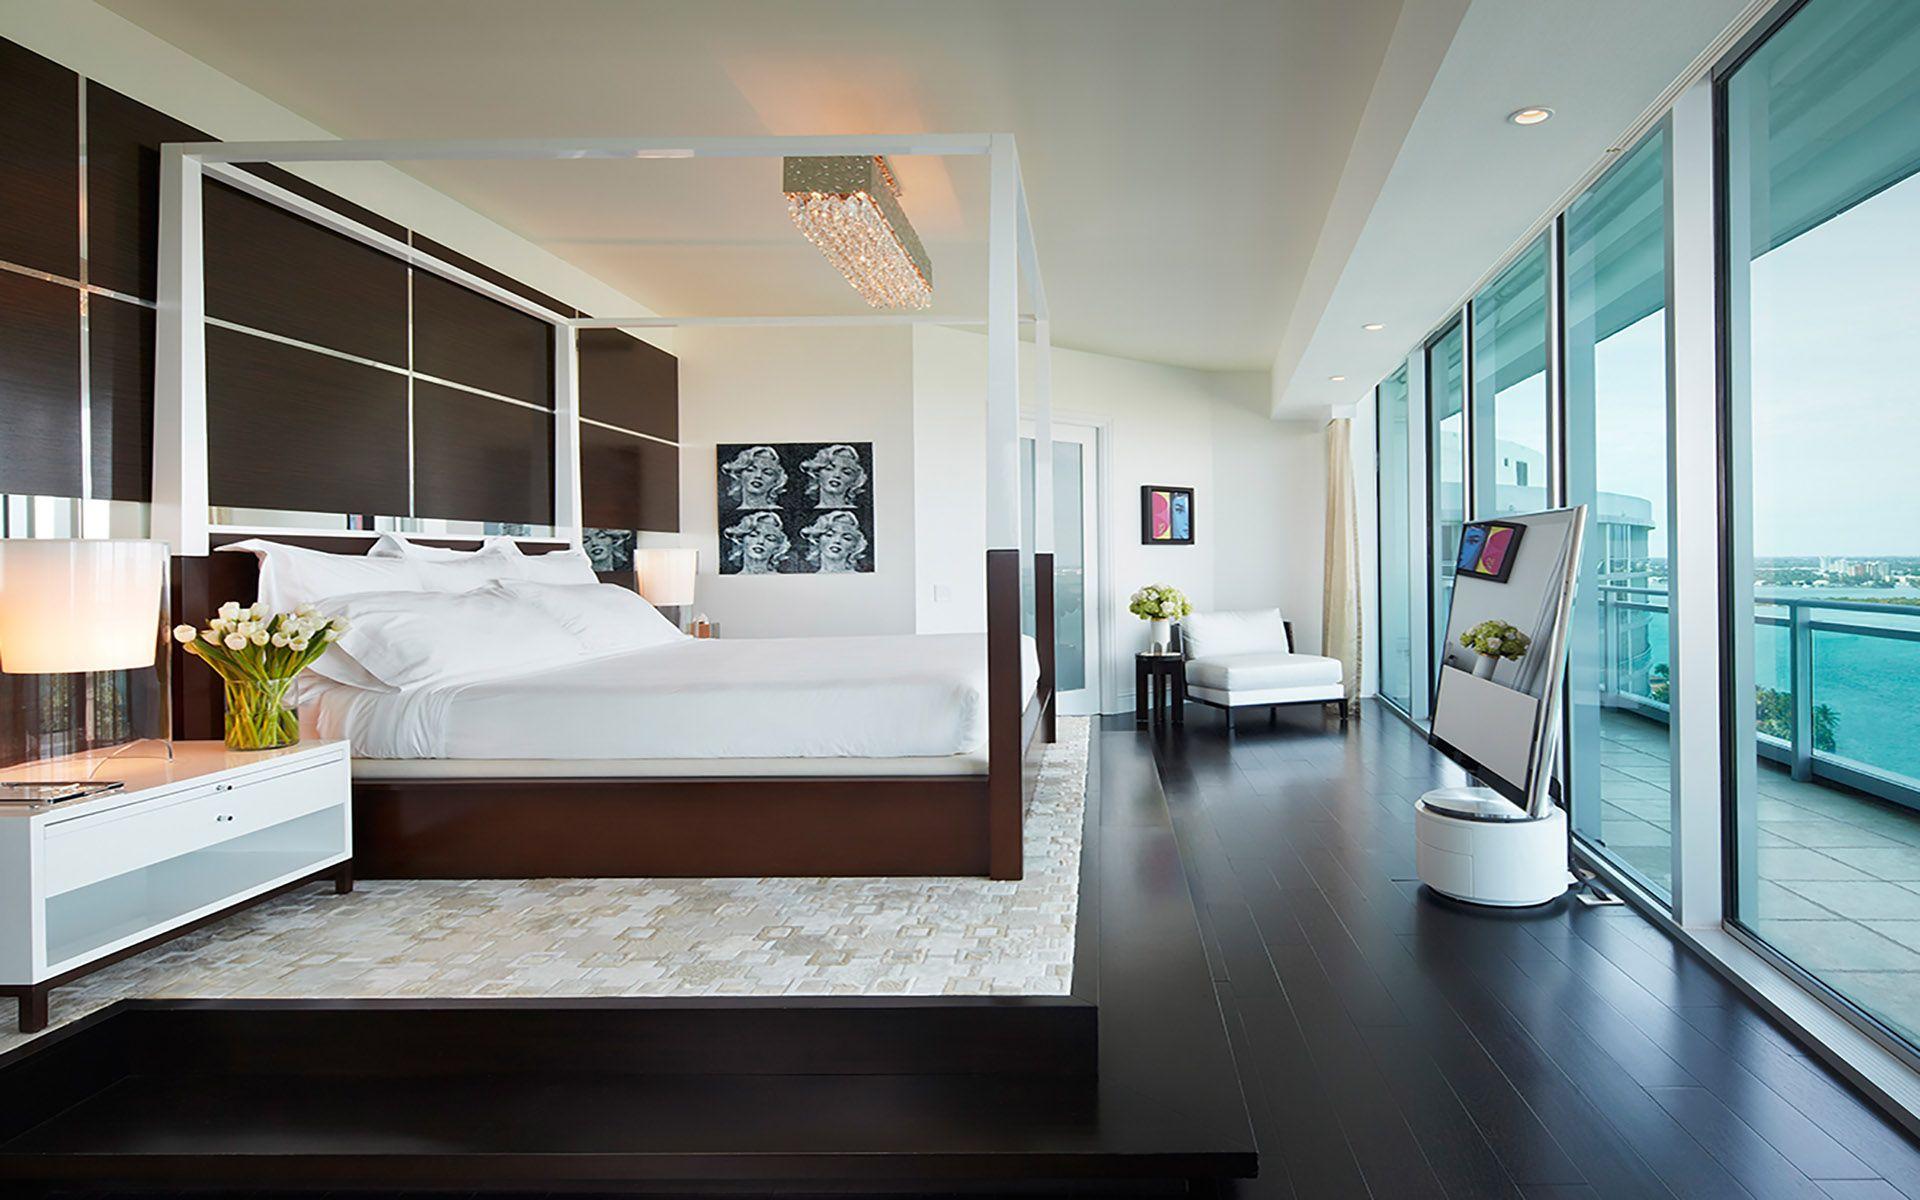 Britto Charette Best Interior Designers in Florida